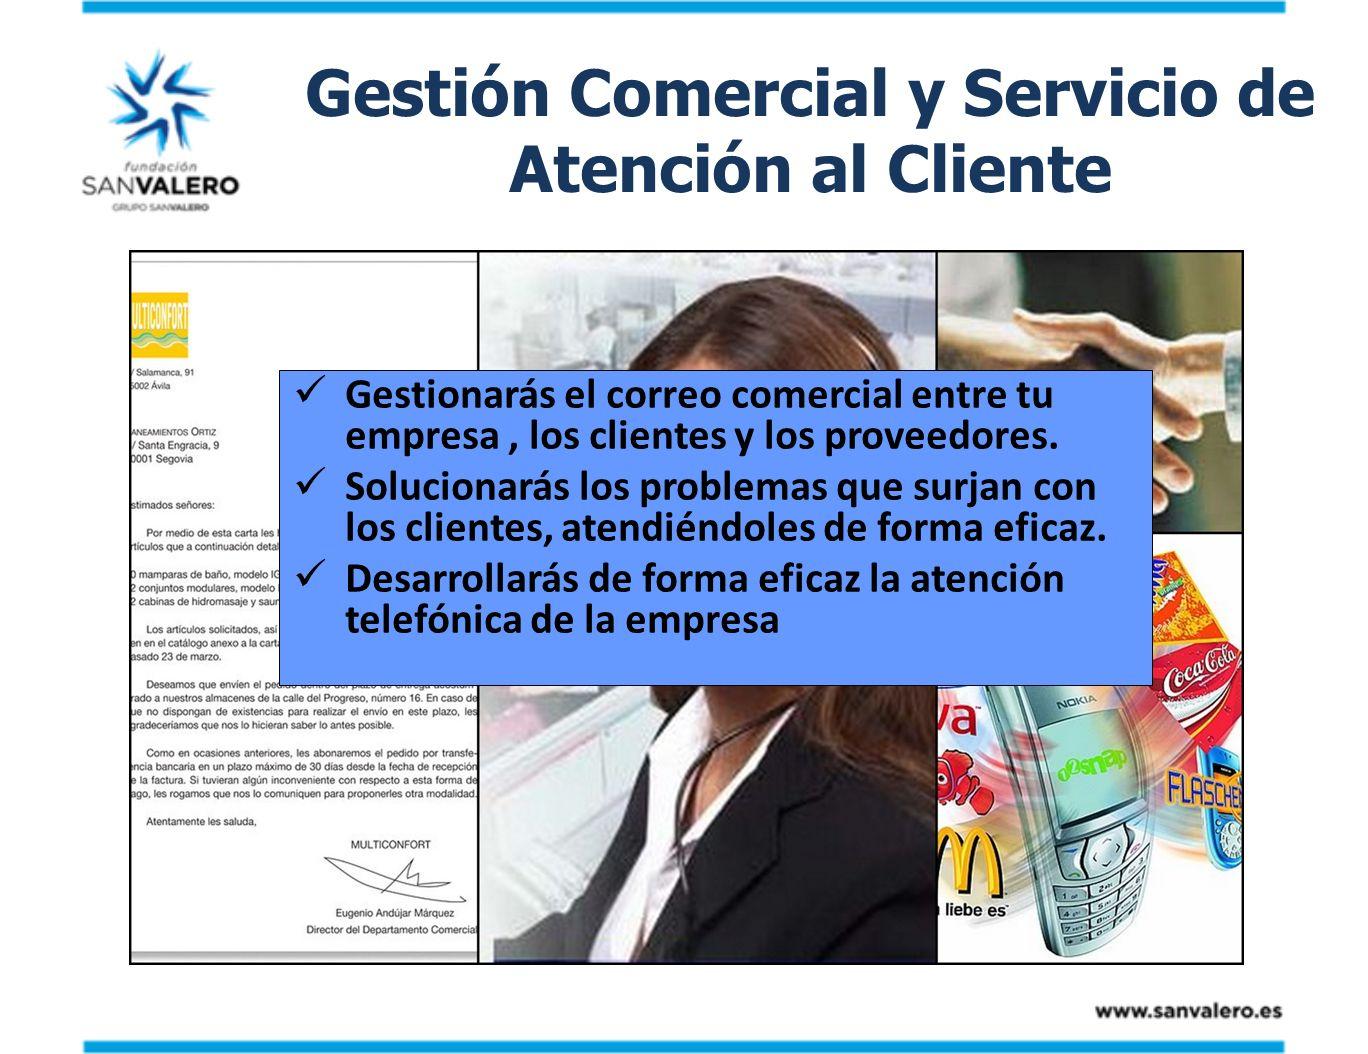 Gestión Comercial y Servicio de Atención al Cliente Gestionarás el correo comercial entre tu empresa, los clientes y los proveedores. Solucionarás los